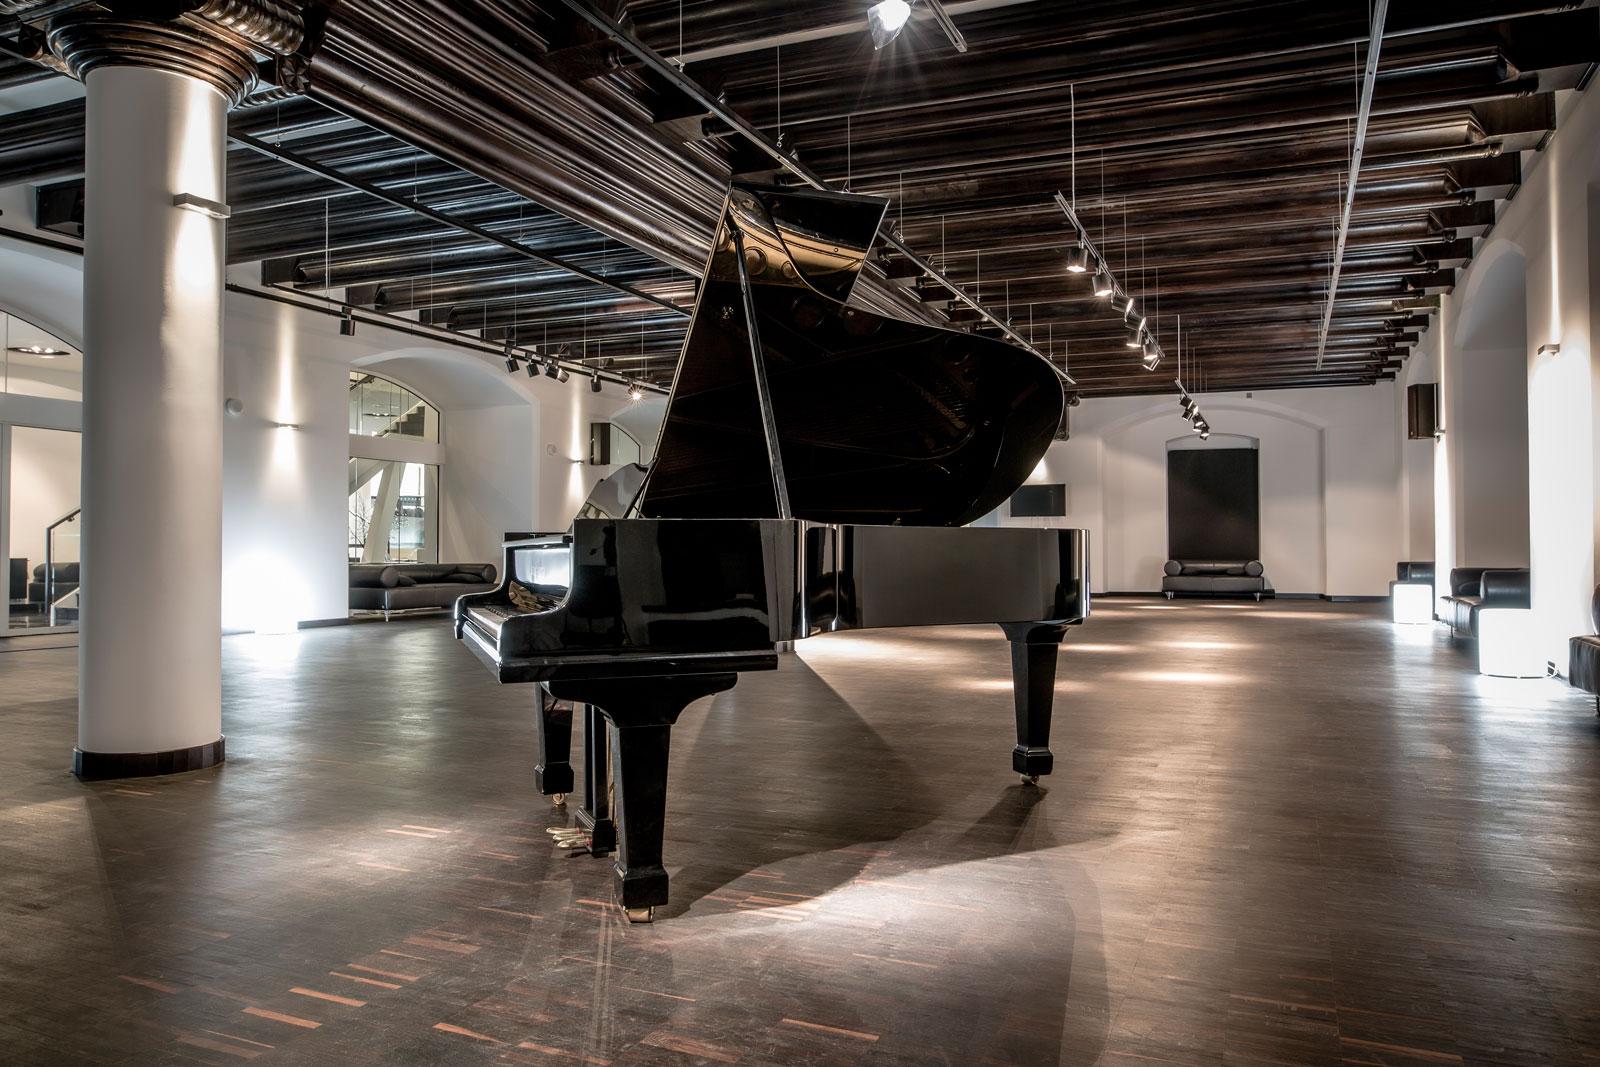 Opera na Zamku akustyka architektoniczna